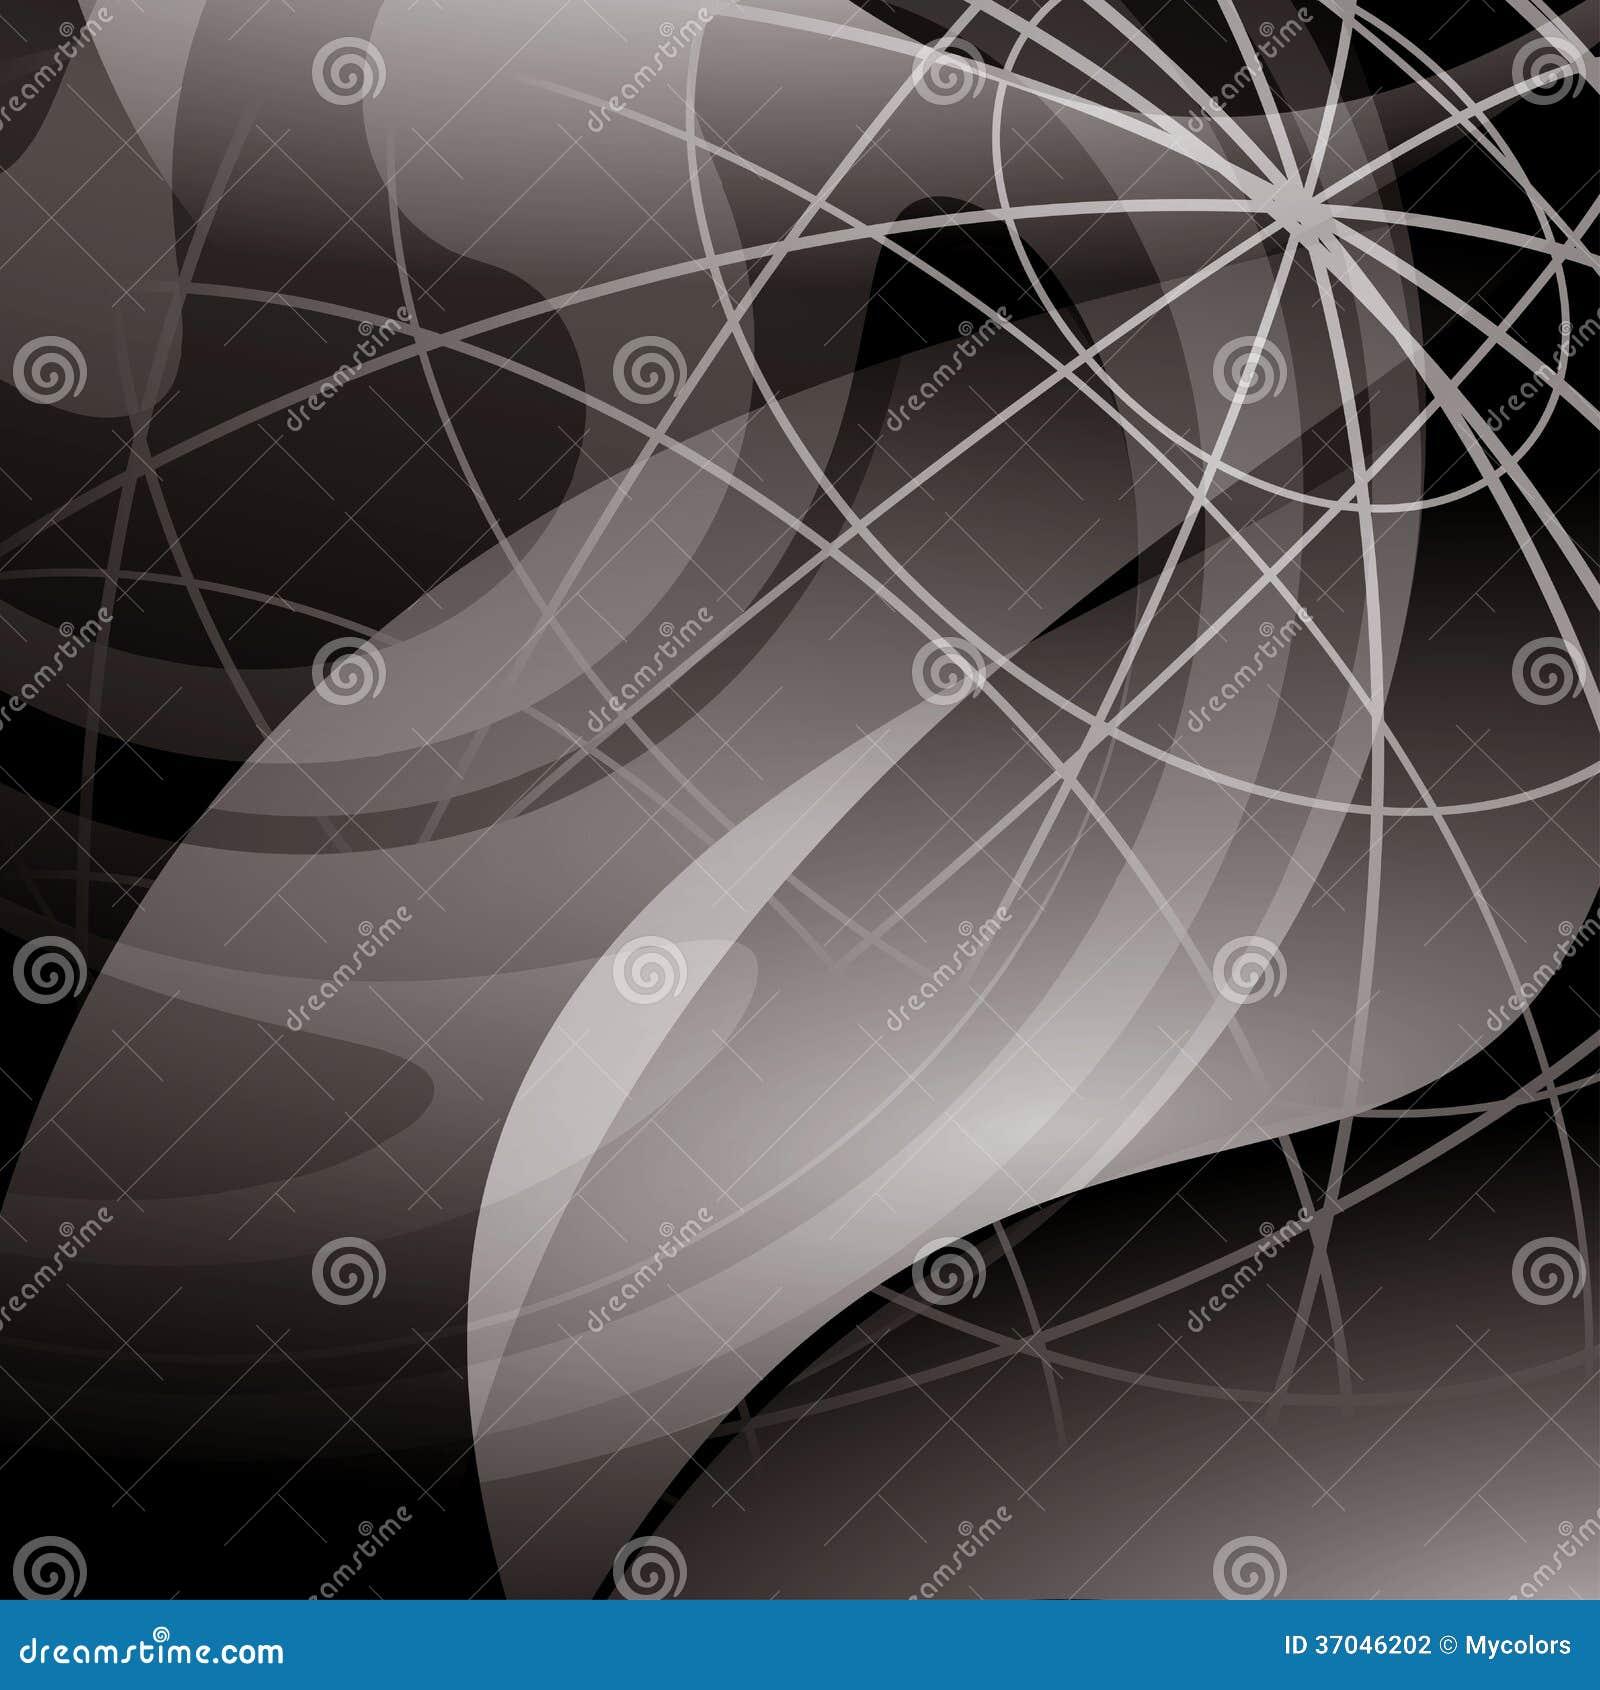 Donkere abstracte achtergrond met meridianen - eps 10